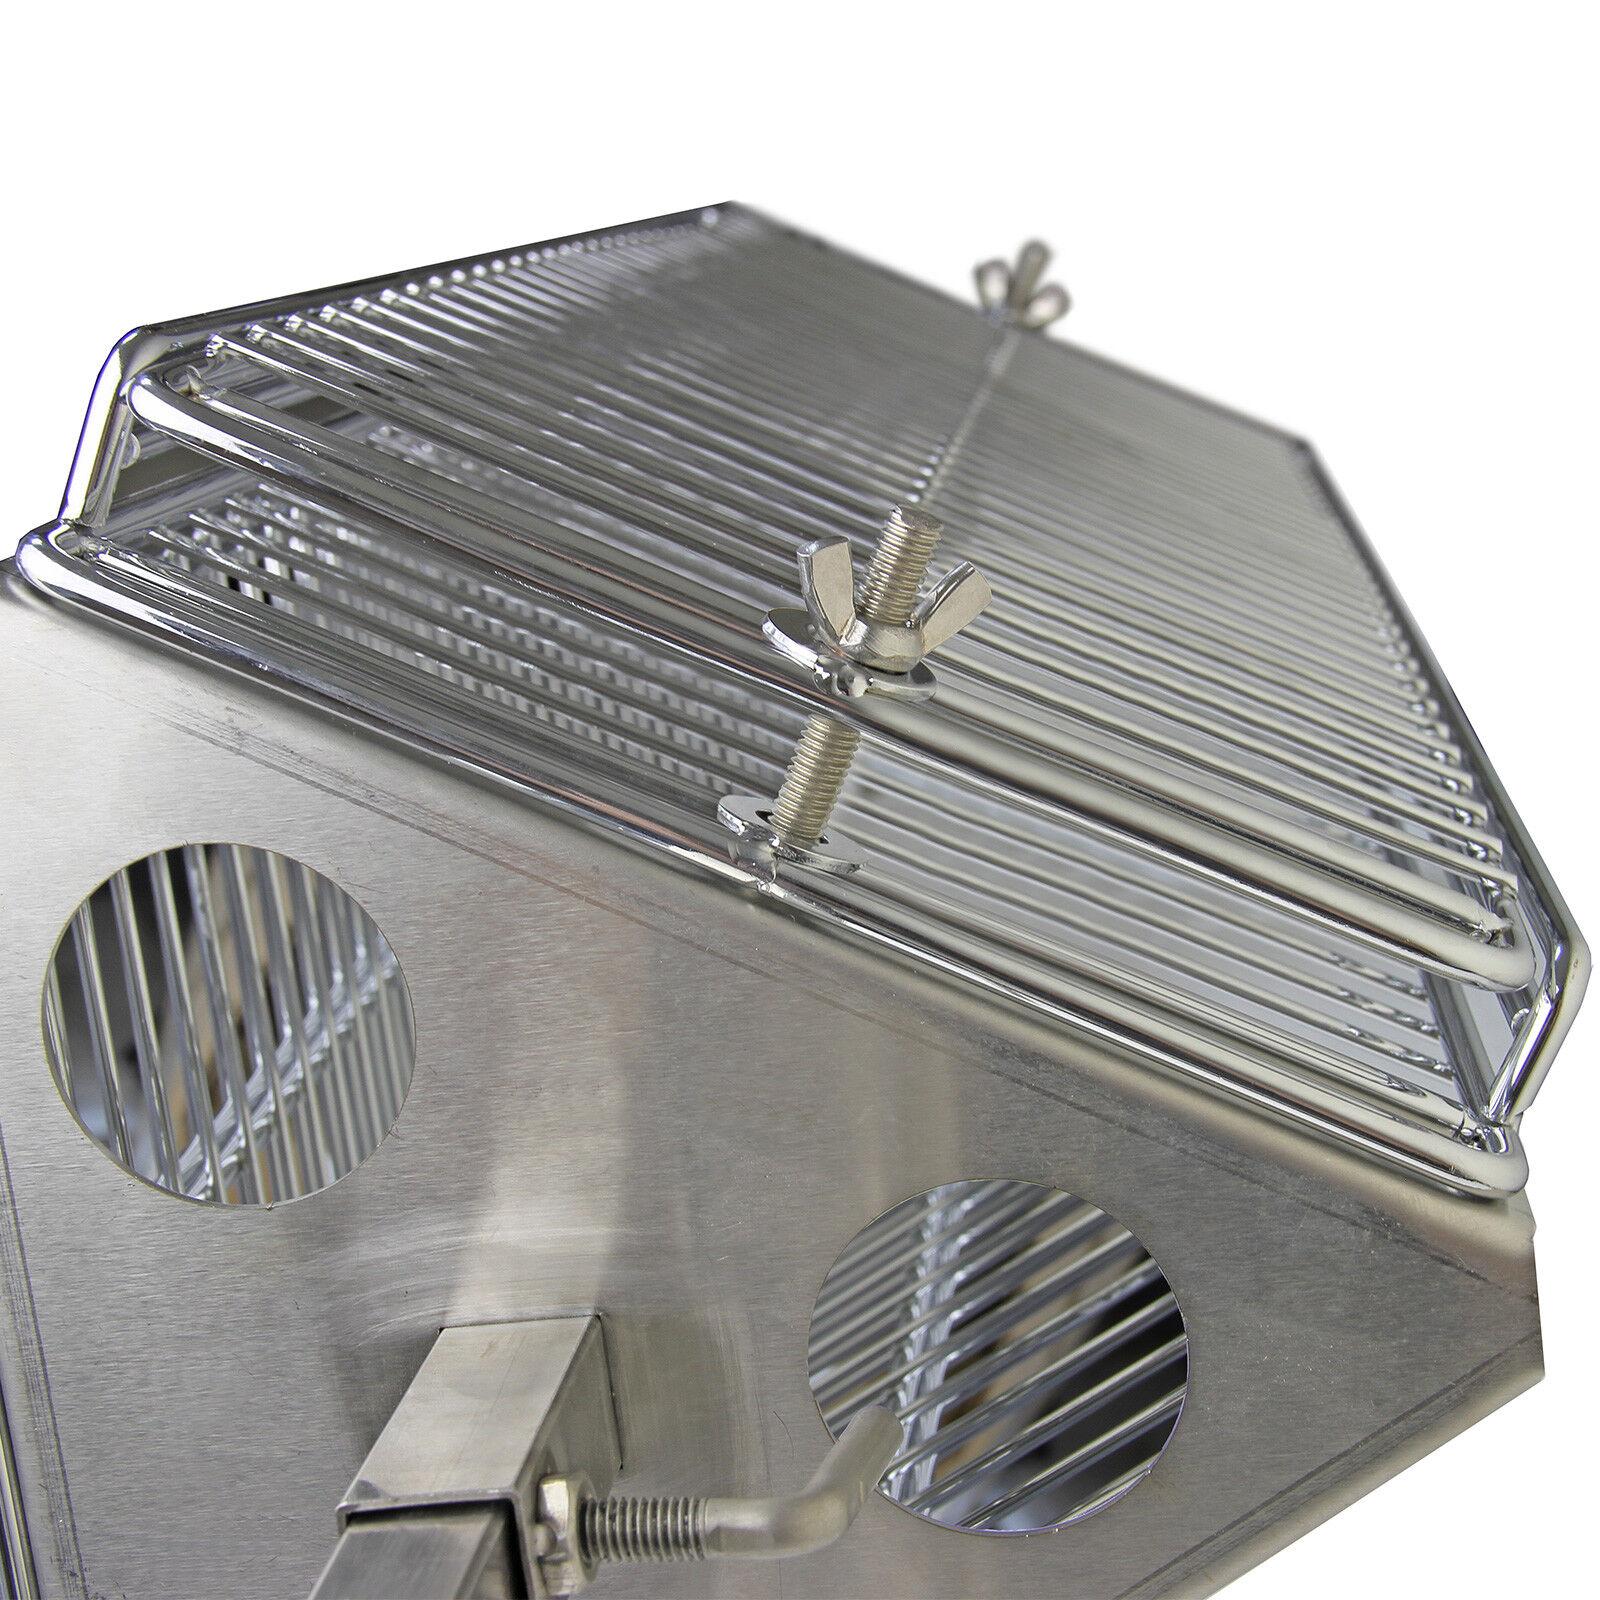 Parrilla Asador Barbacoa Exterior Grill Giratorio con Espetón Giratorio Grill de 3 Alturas c24fd3